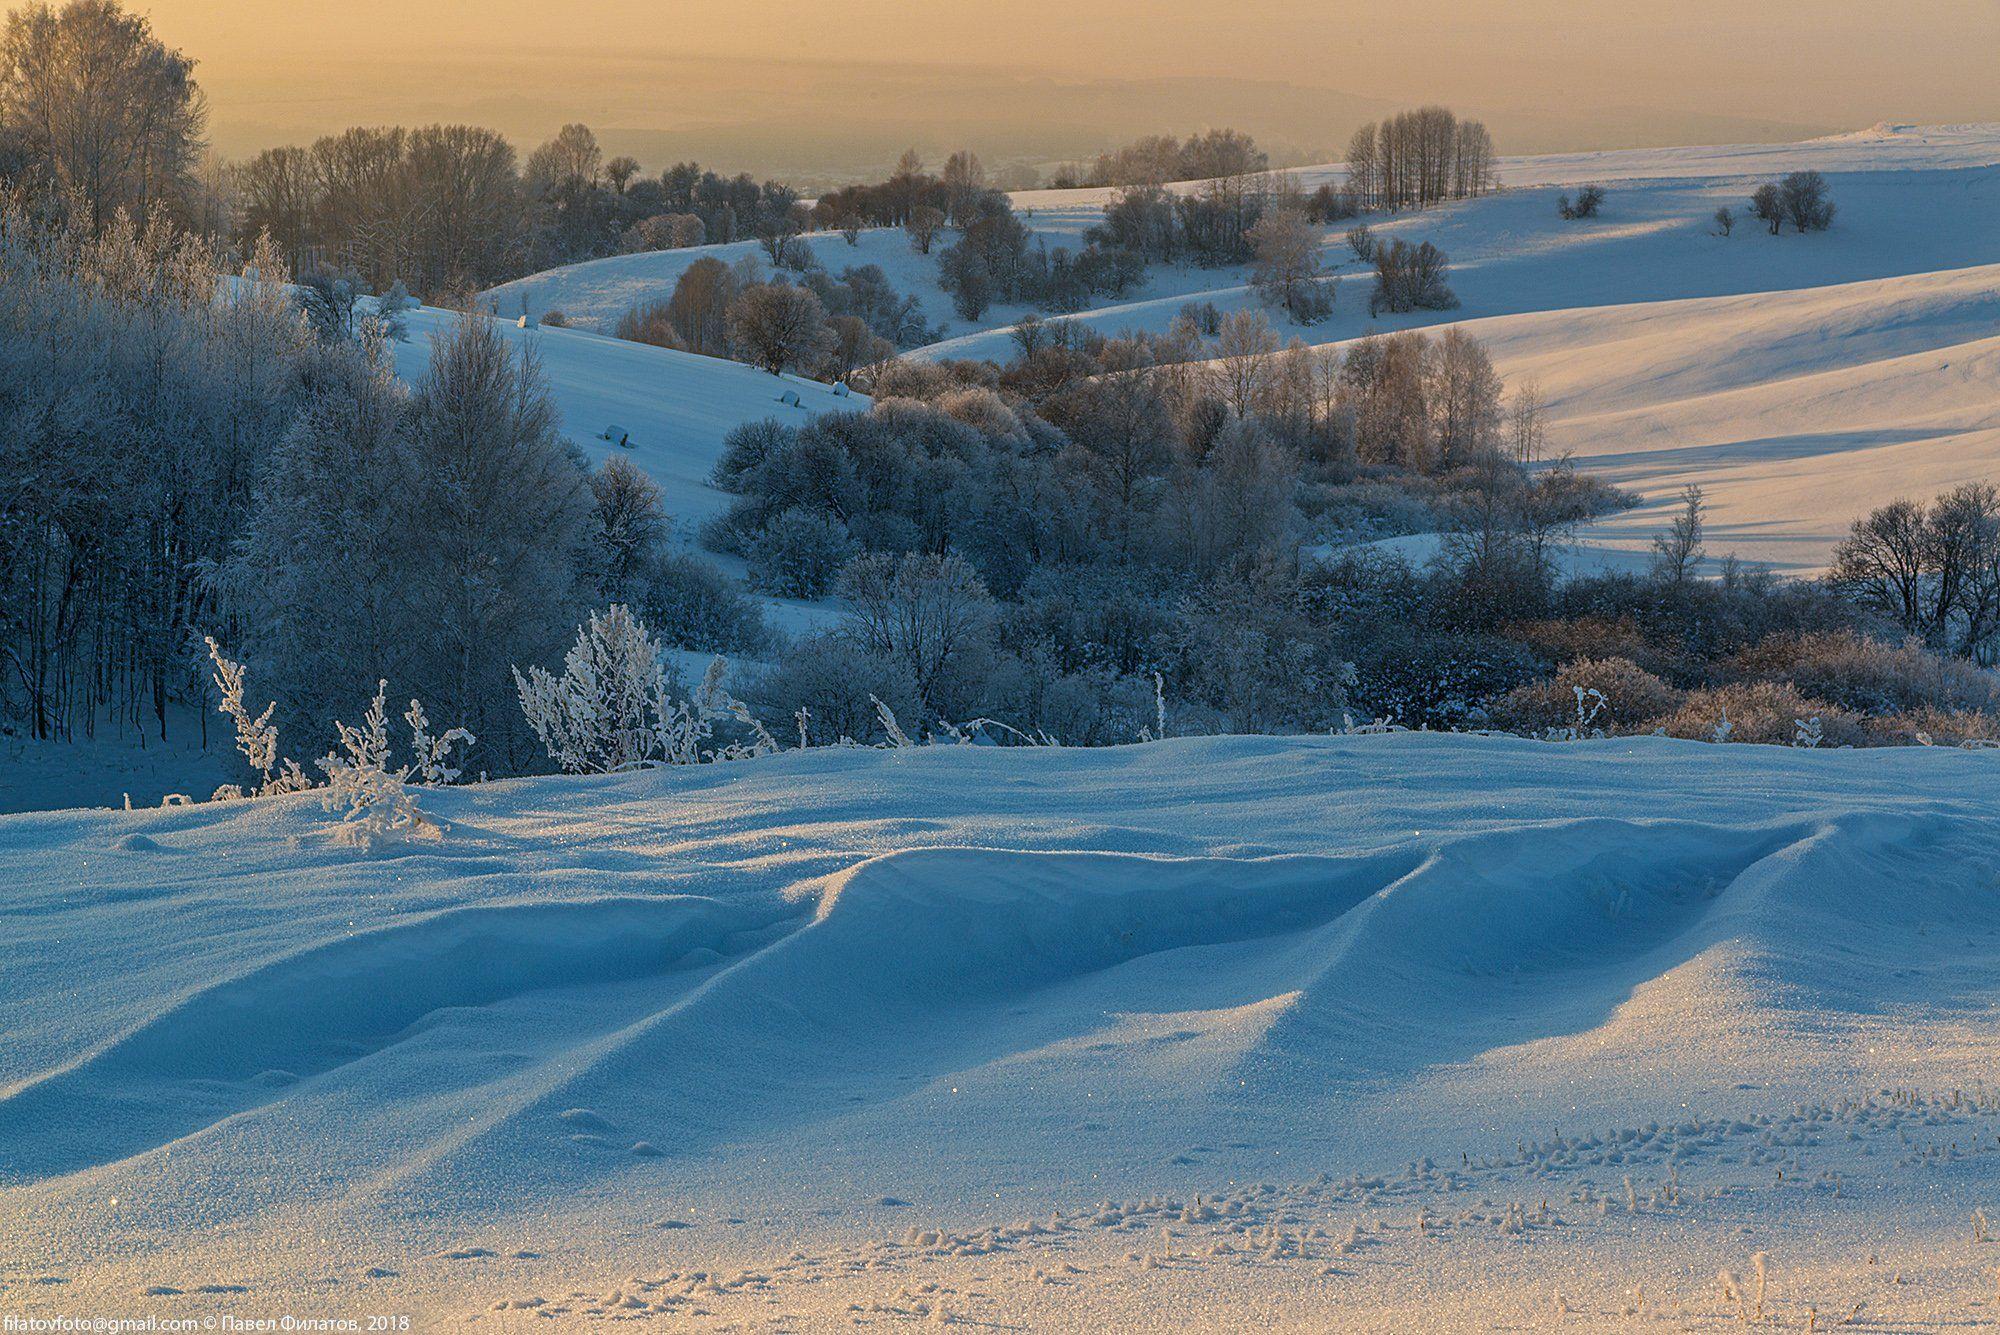 алтай, сибирь, предгорья, красногорье, красногорский район, снег, фактура, вечер, Павел Филатов